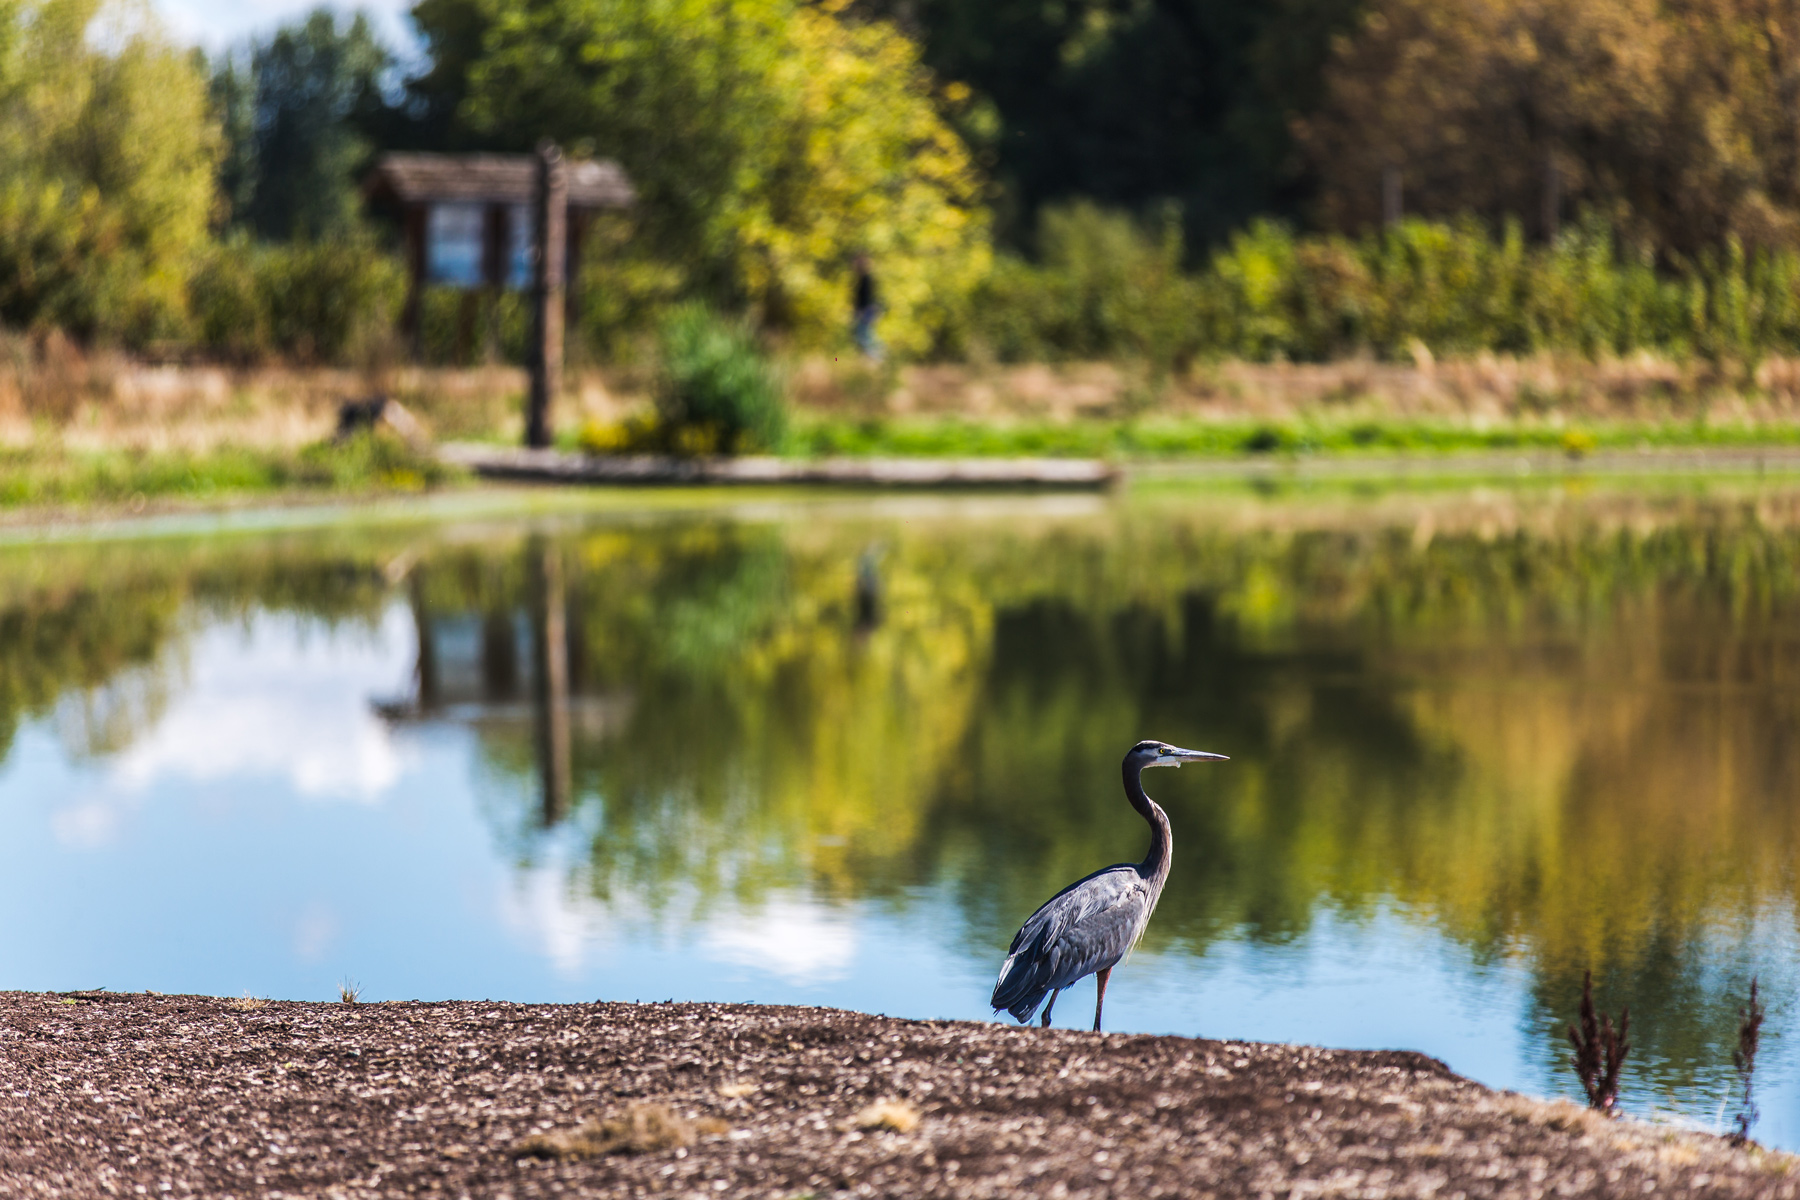 Heron_by_trail.jpg